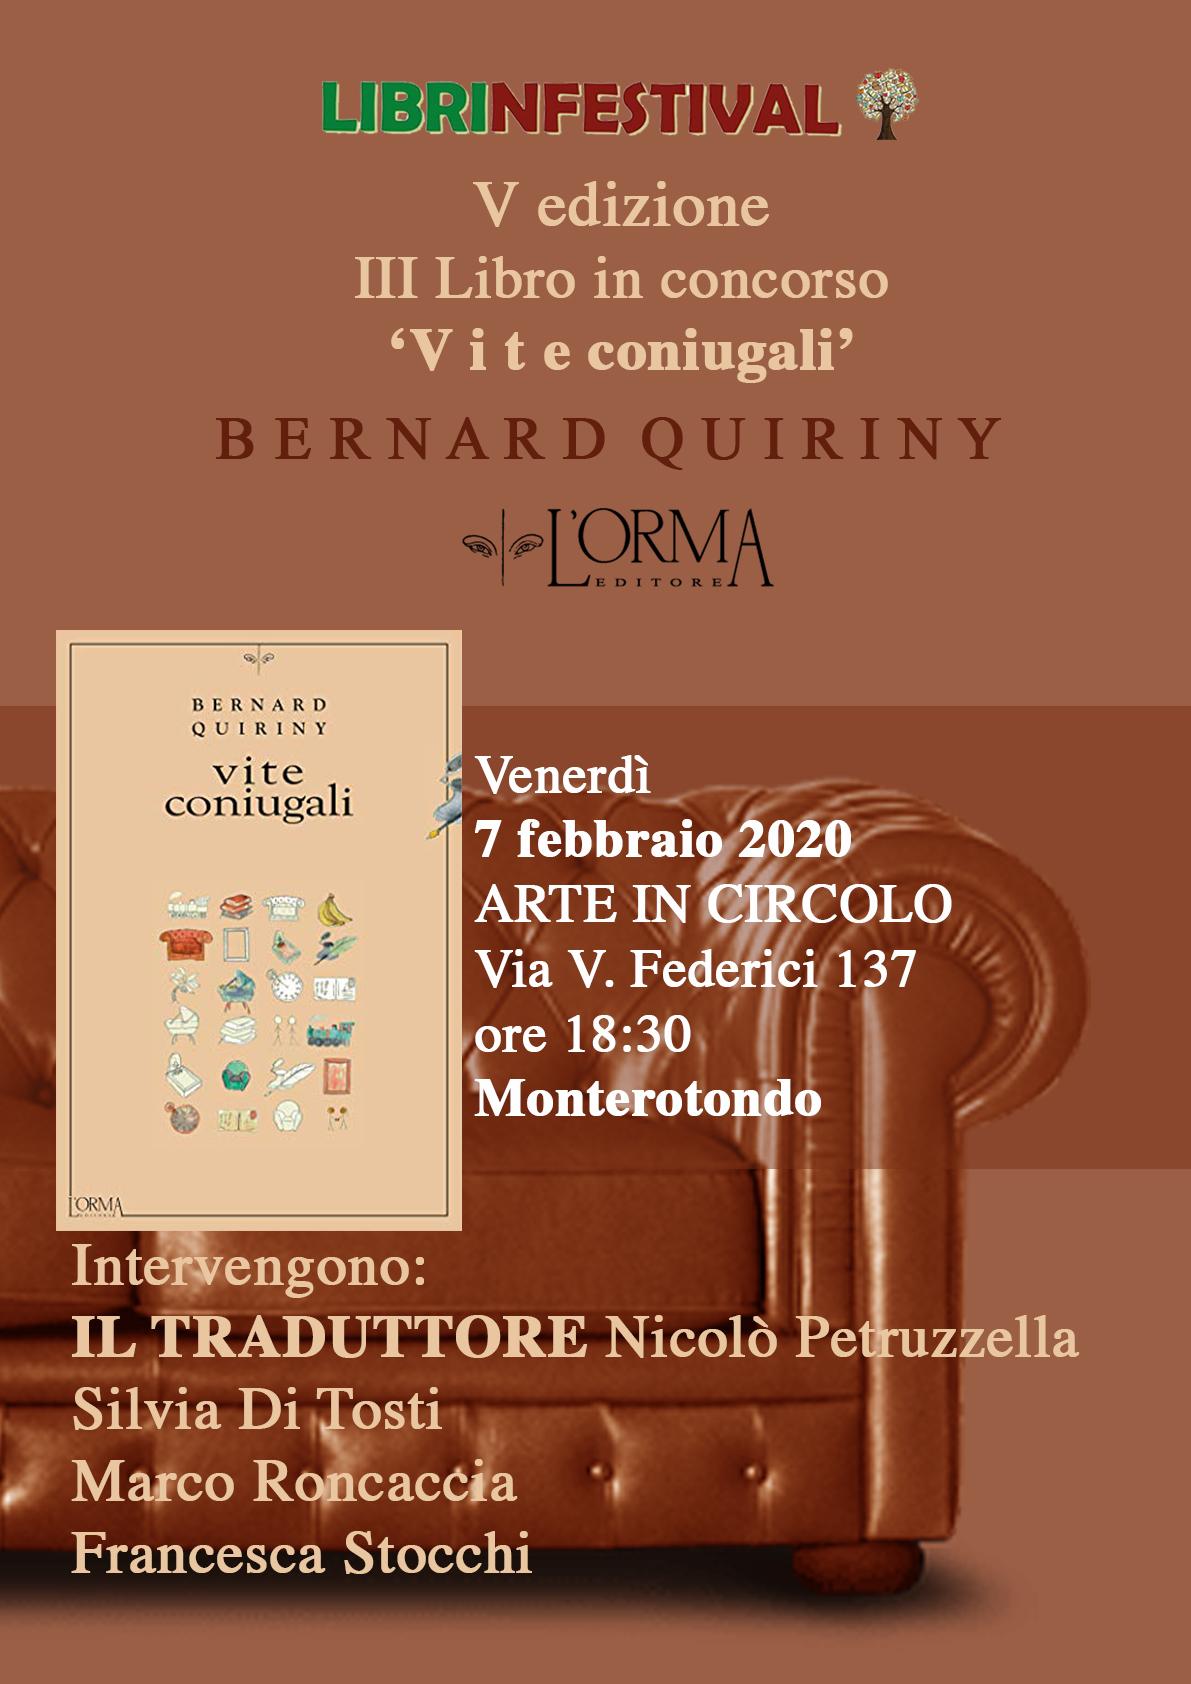 Vite coniugali, Bernard Quiriny, L'ORMA Editore, #Librinfestival, Nicolò Petruzzella e